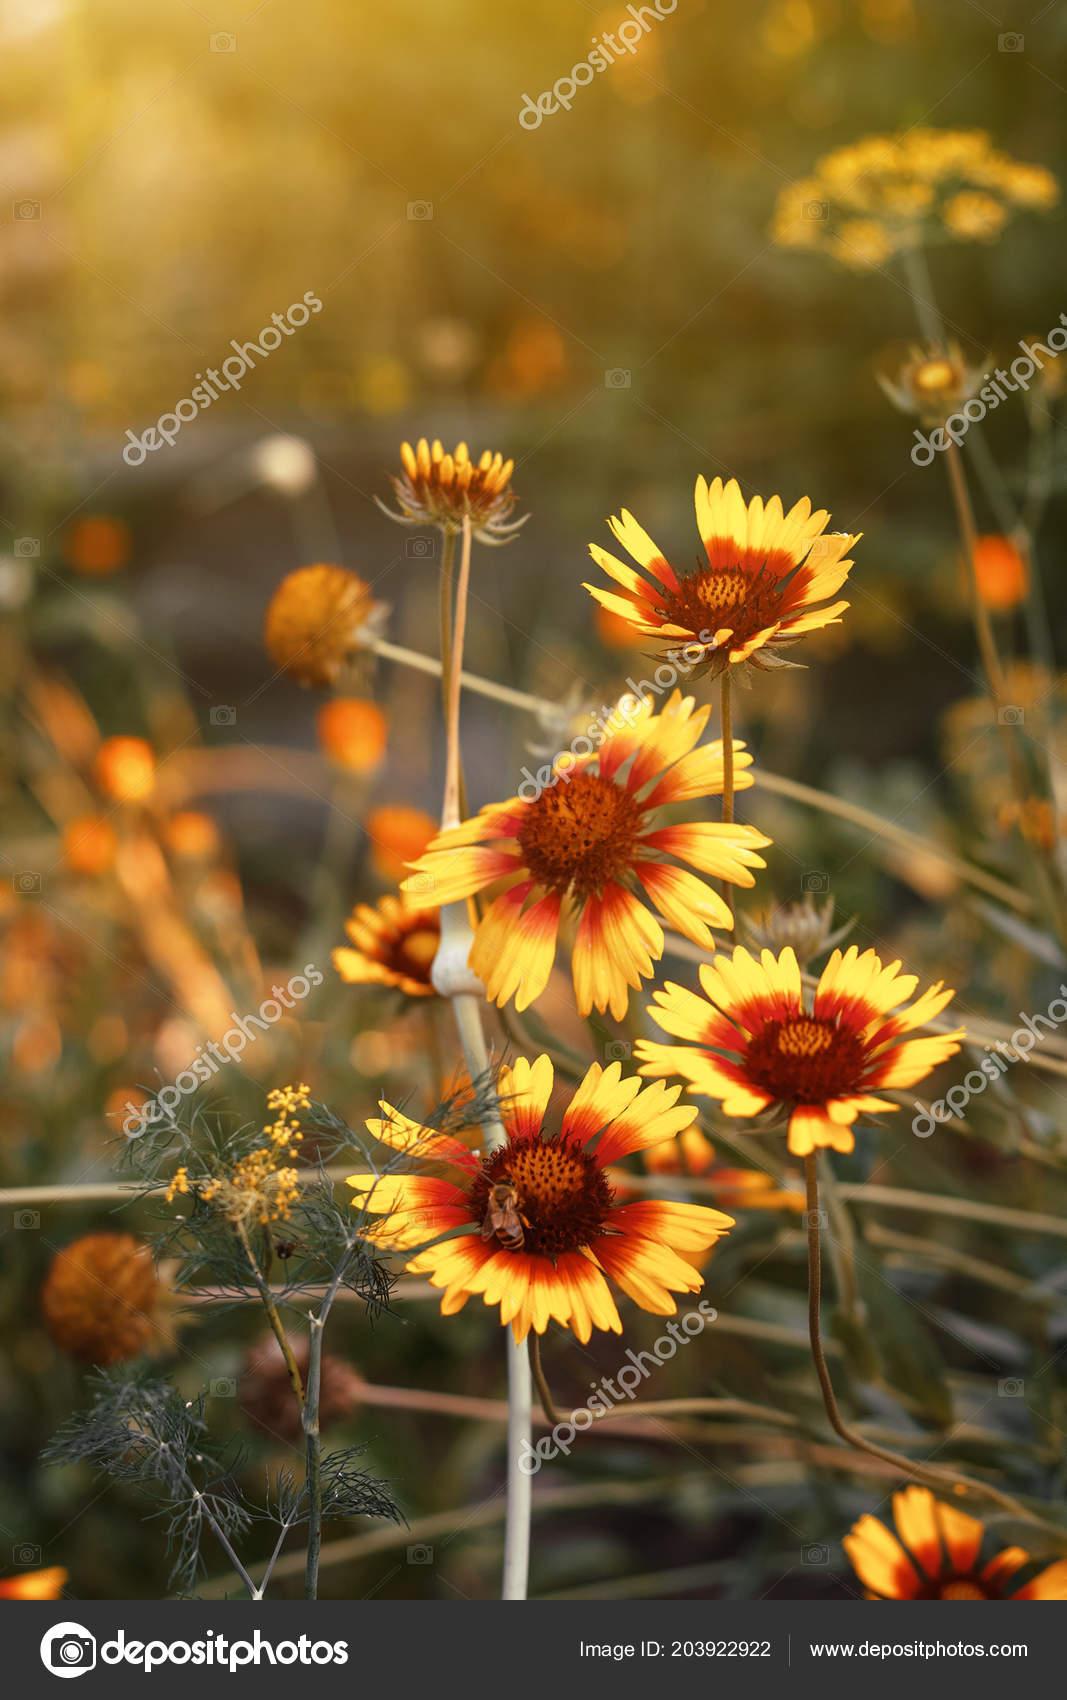 Beautiful bright yellow flower helenium blooming green meadow beautiful bright yellow flower helenium blooming green meadow stock photo mightylinksfo